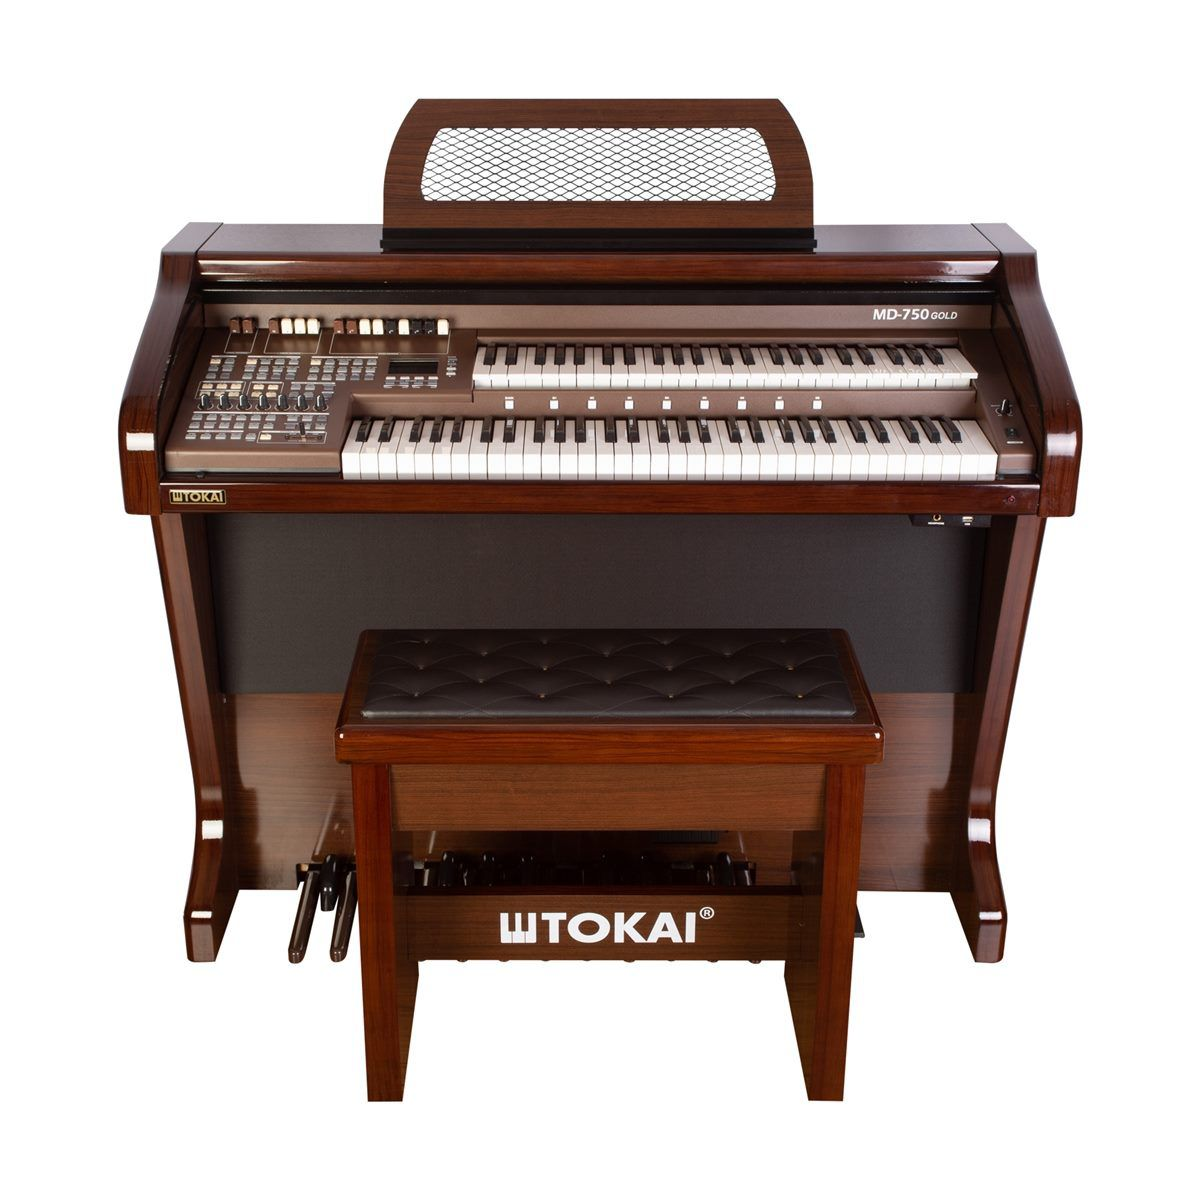 Órgão Tokai Md750 Gold Marrom  - Luggi Instrumentos Musicais